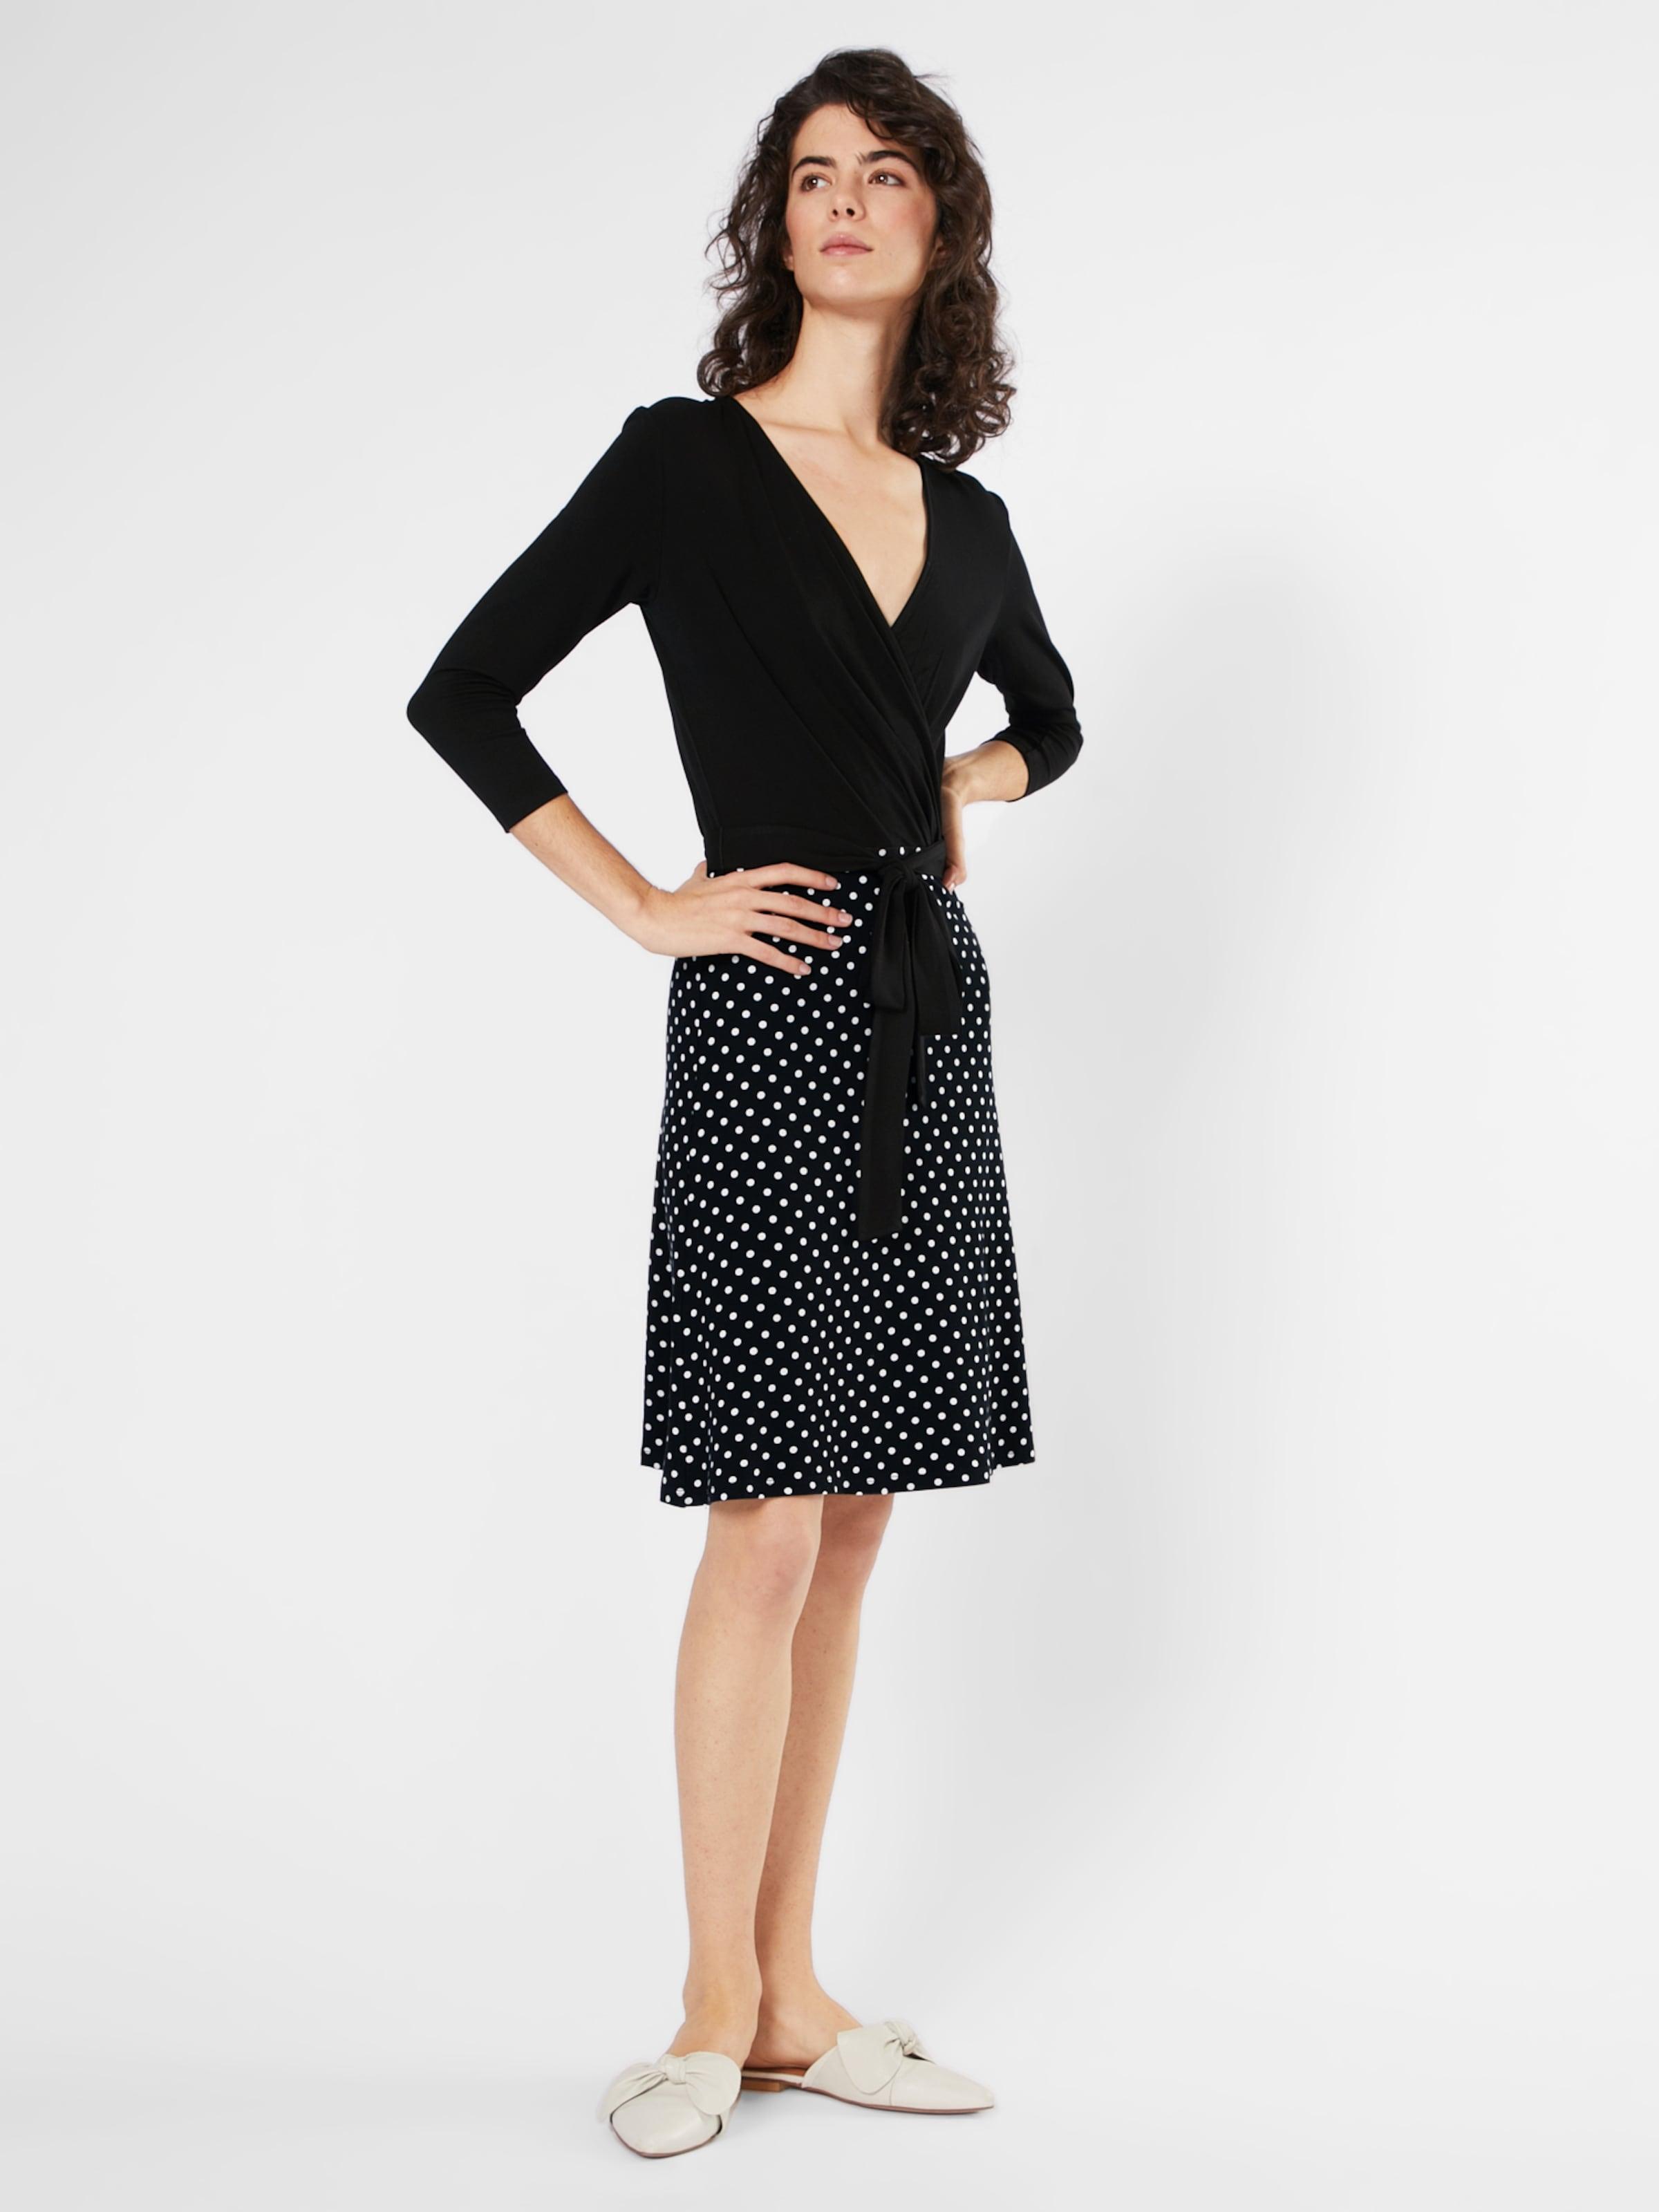 Billig Verkauf Visum Zahlung ABOUT YOU Kleid in Wickeloptik 'Linnea' Gefälschte Online Billig Verkaufen Niedrigsten Preis Einen Günstigen Preis 73rEXpzKnH